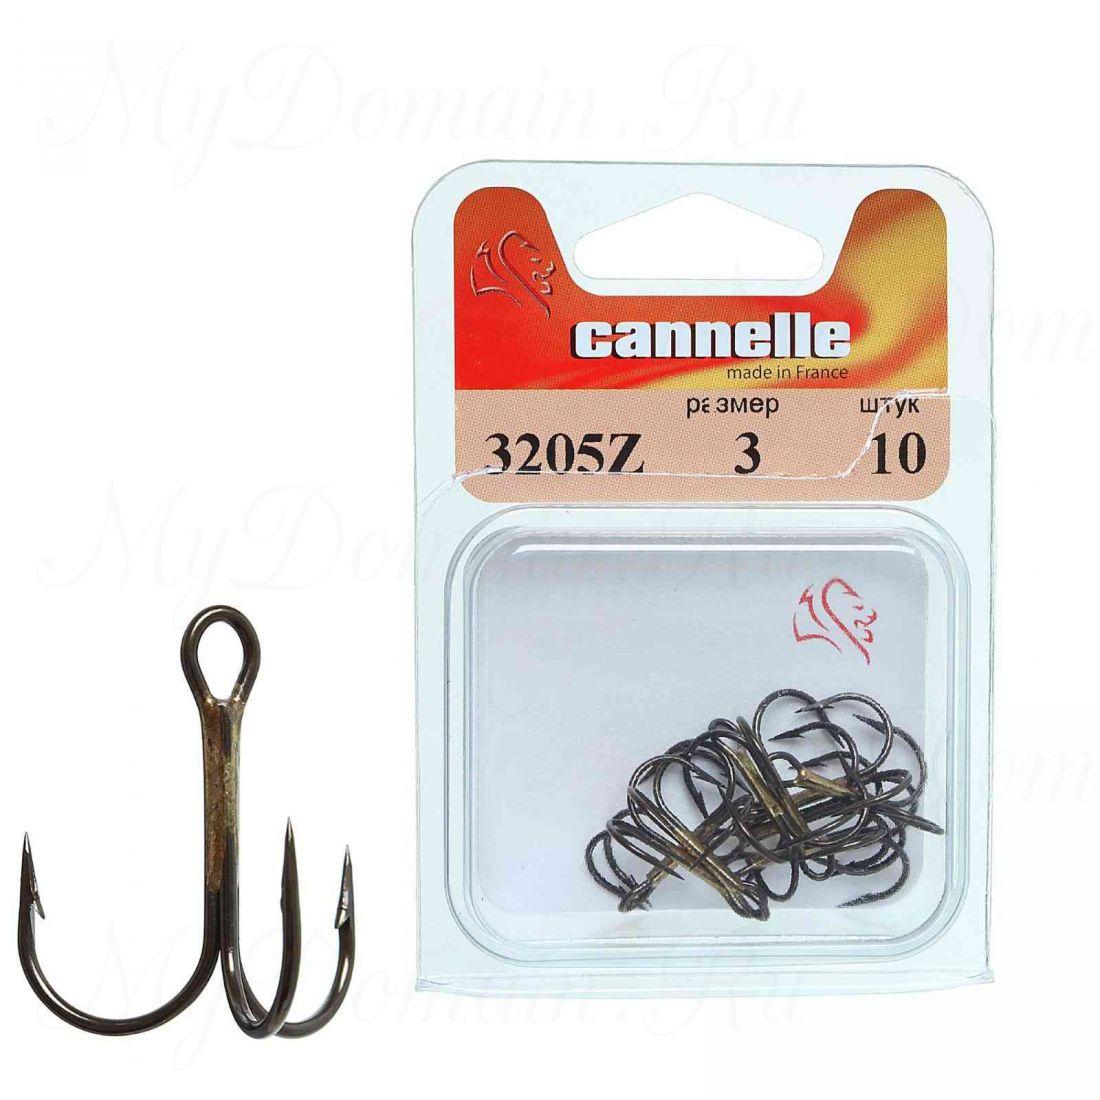 Тройник Cannelle 3205 Z № 1 уп. 10 шт. (бронза,круглый поддев,стандартный тройник,средняя проволка)